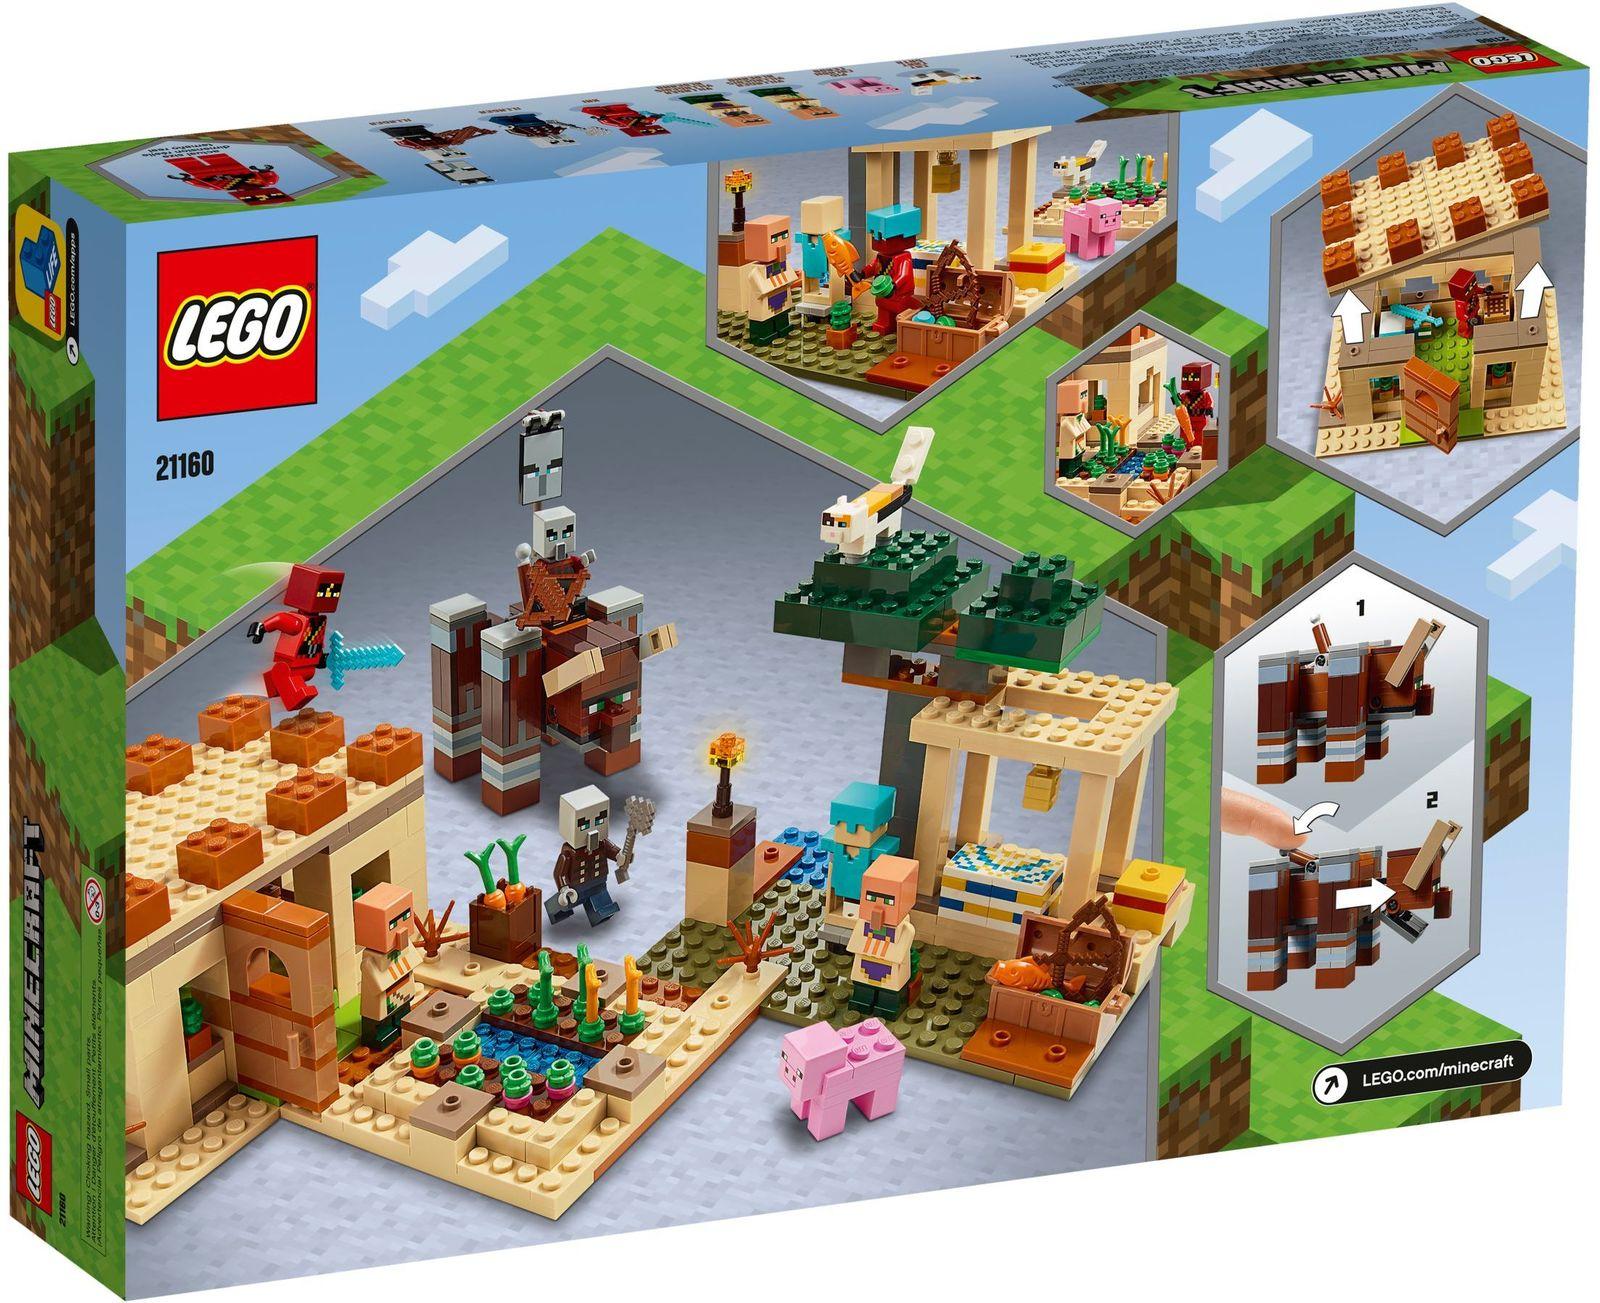 LEGO Minecraft: The Illager Raid - (21160) image